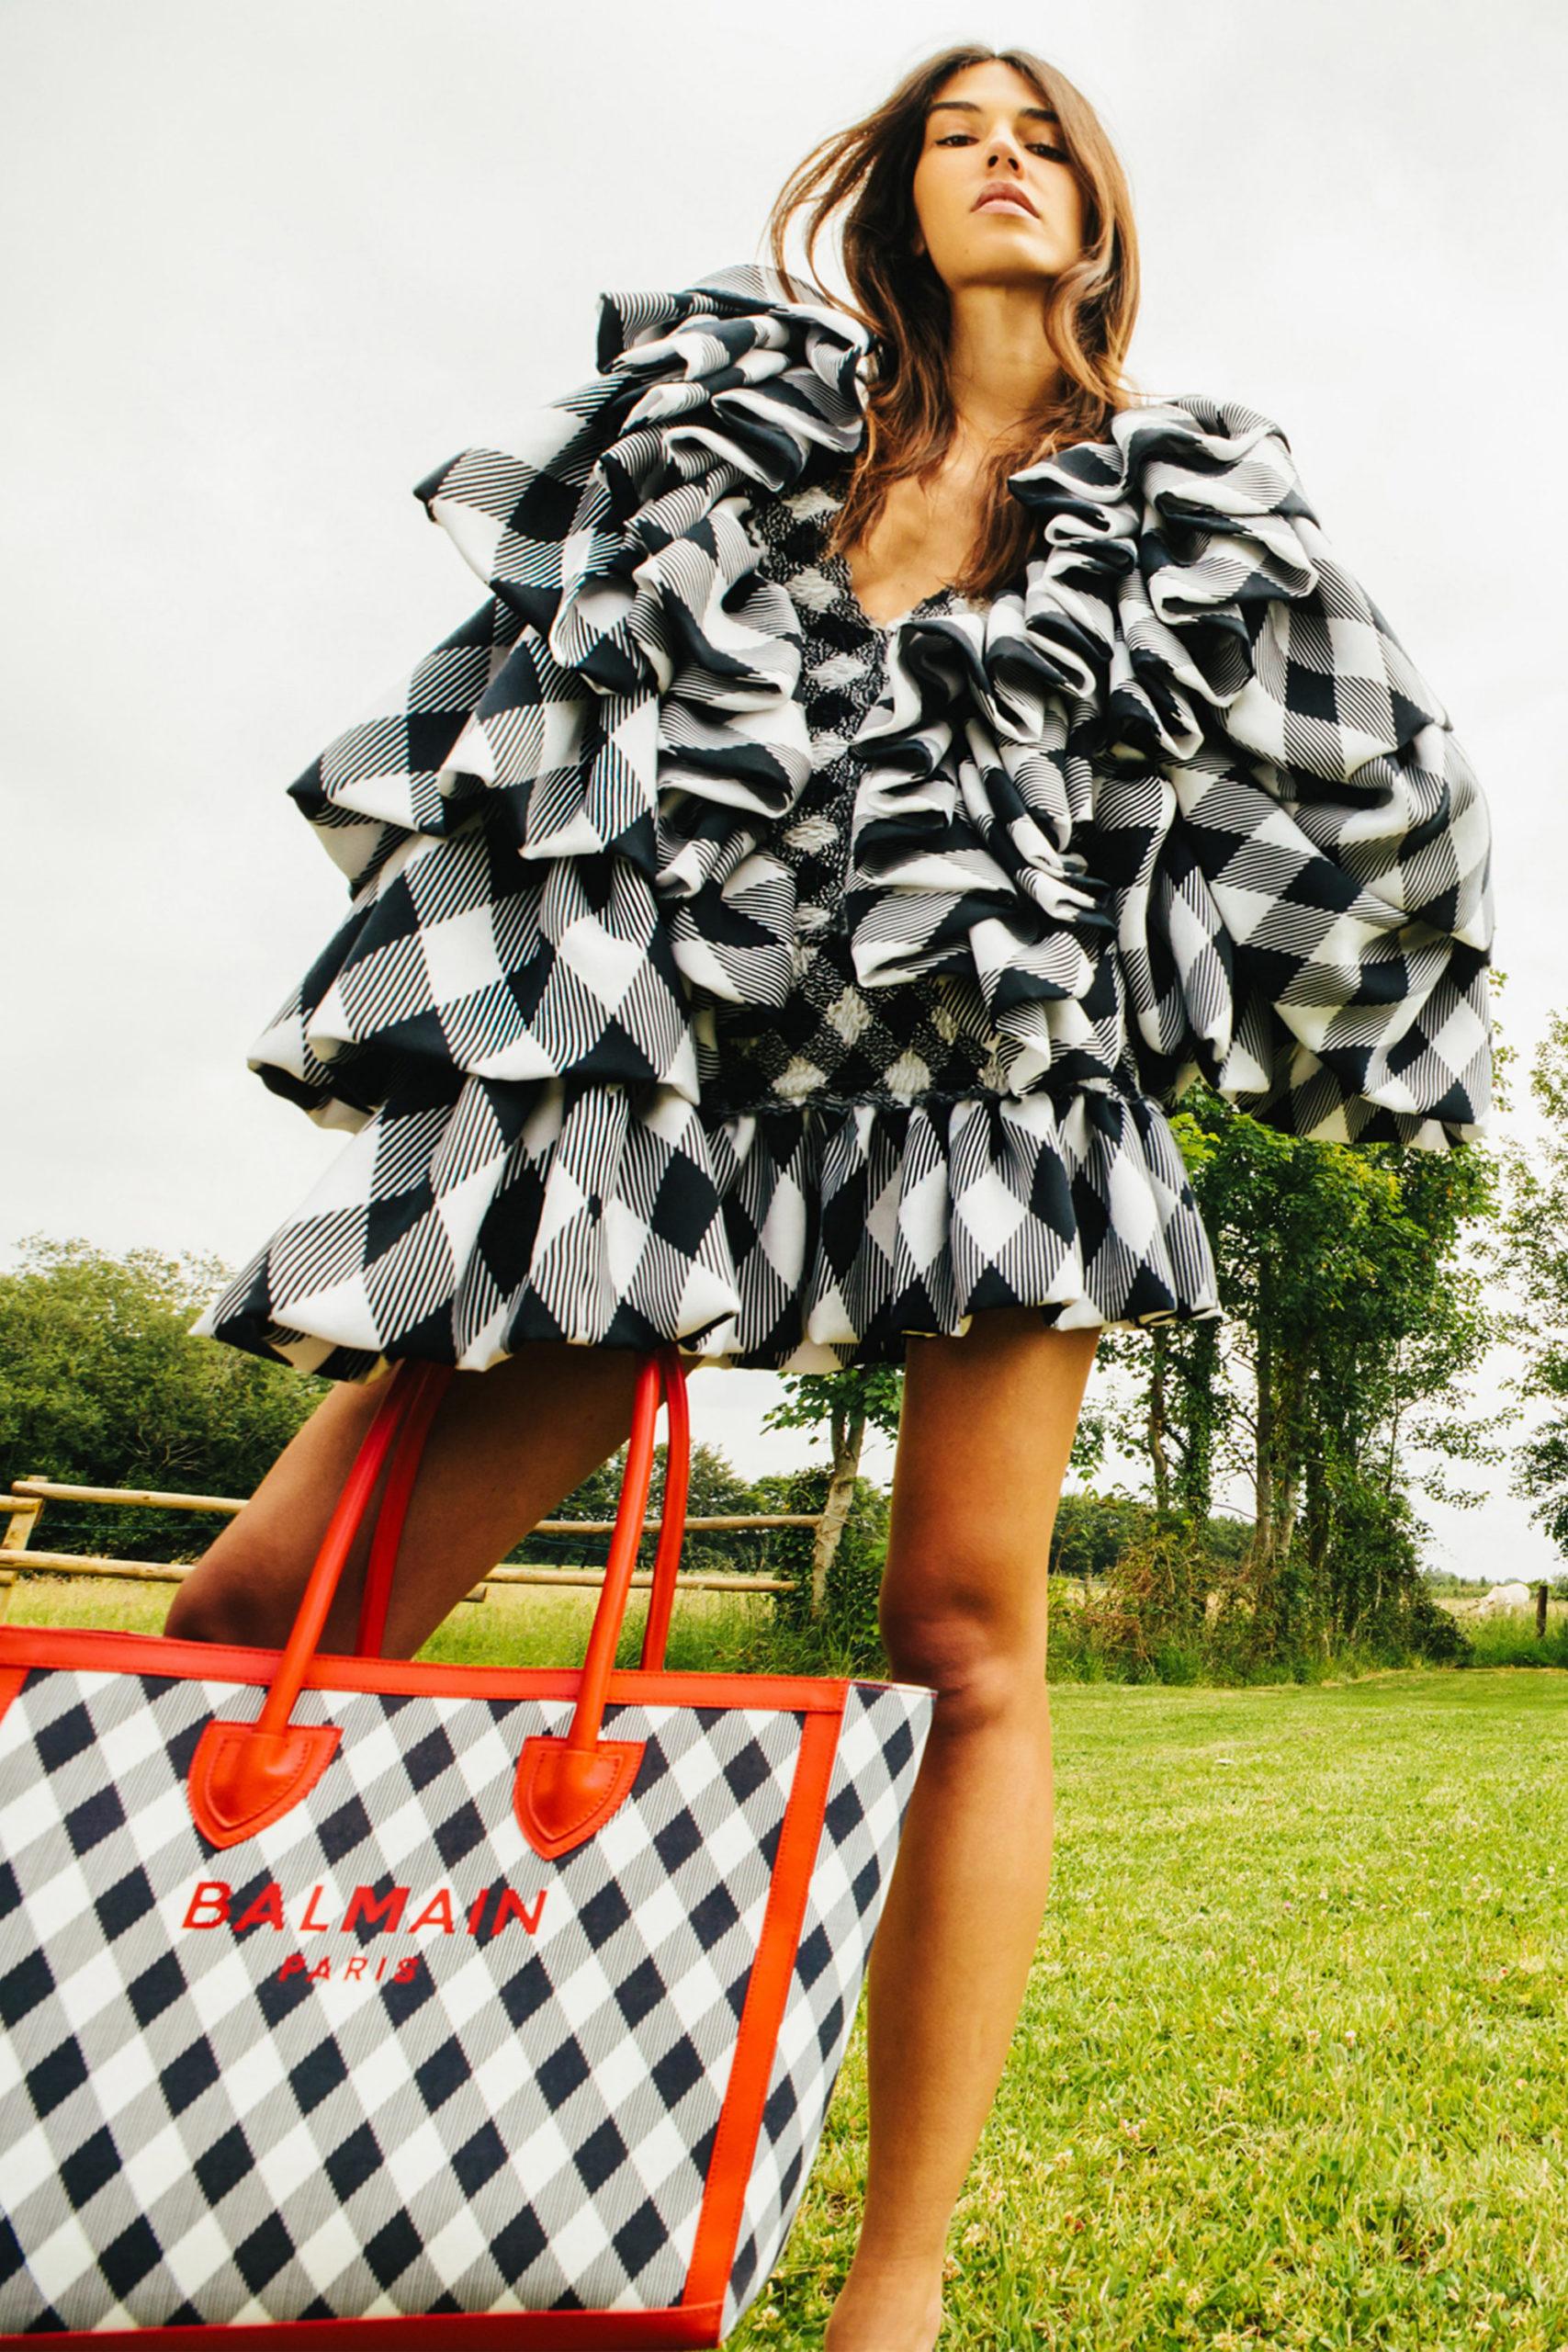 Платье с расклешёнными рукавами от Balmain модель 2021 года